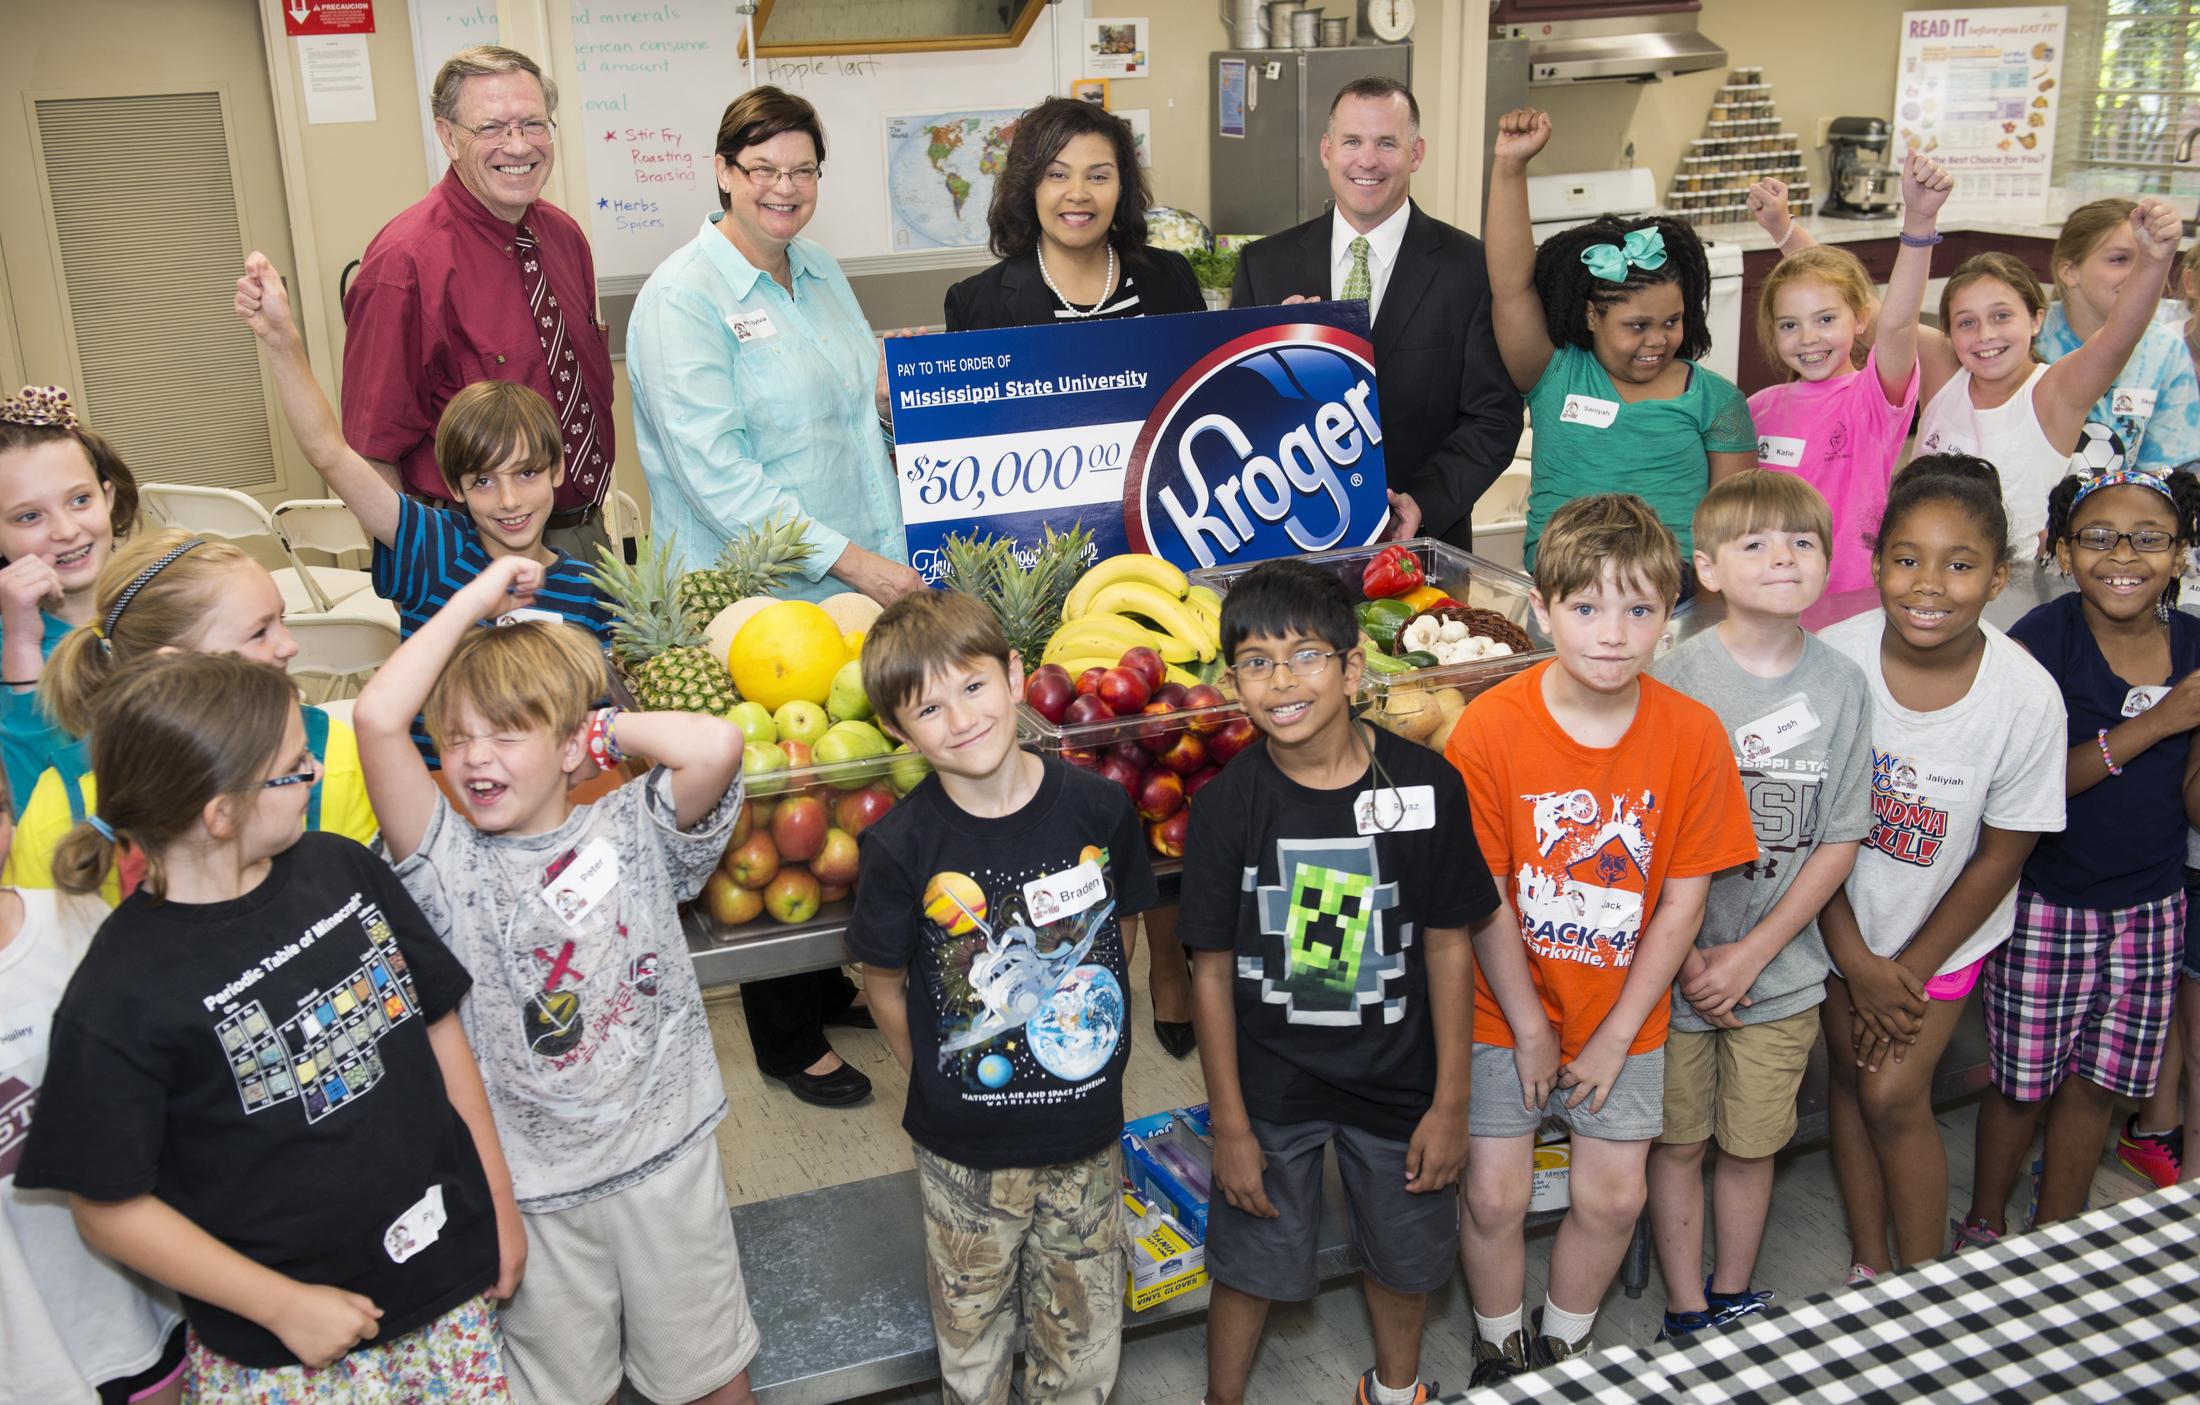 Kroger Starkville Ms >> Kroger Co. sponsors MSU food camp with $50,000 gift ...